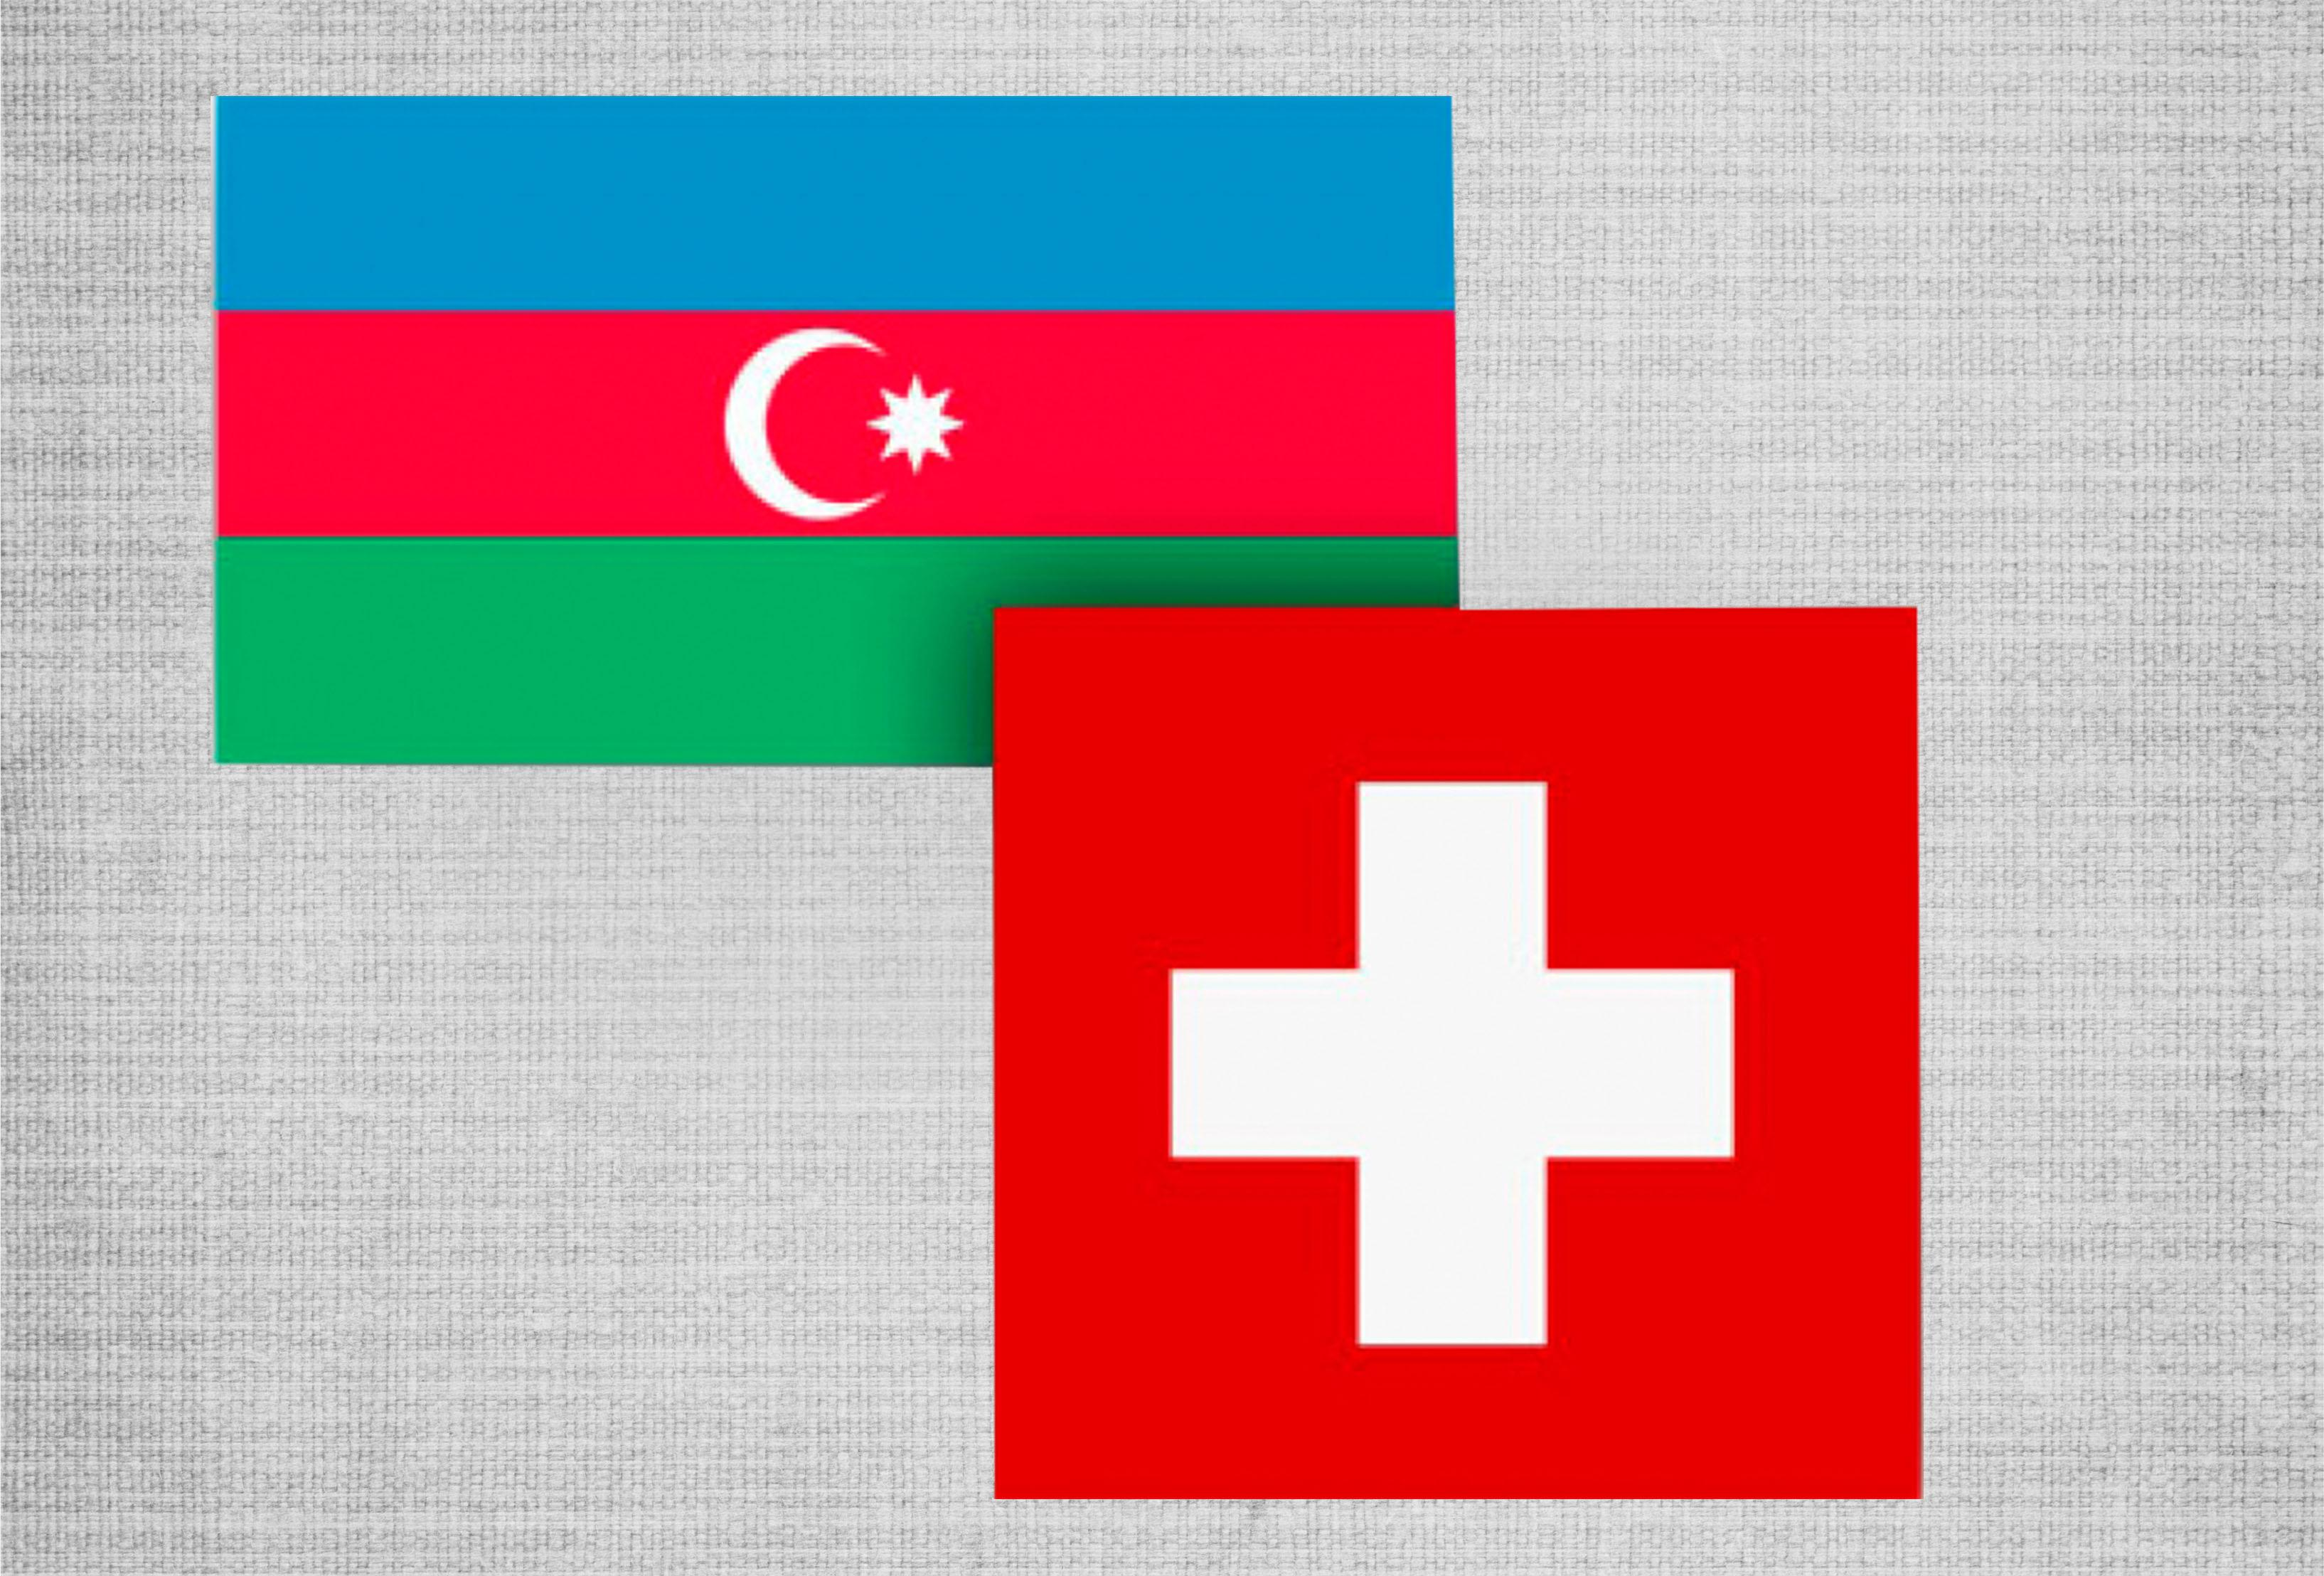 Завтра вступит в силу соглашение об упрощении визового режима между Азербайджаном и Швейцарией